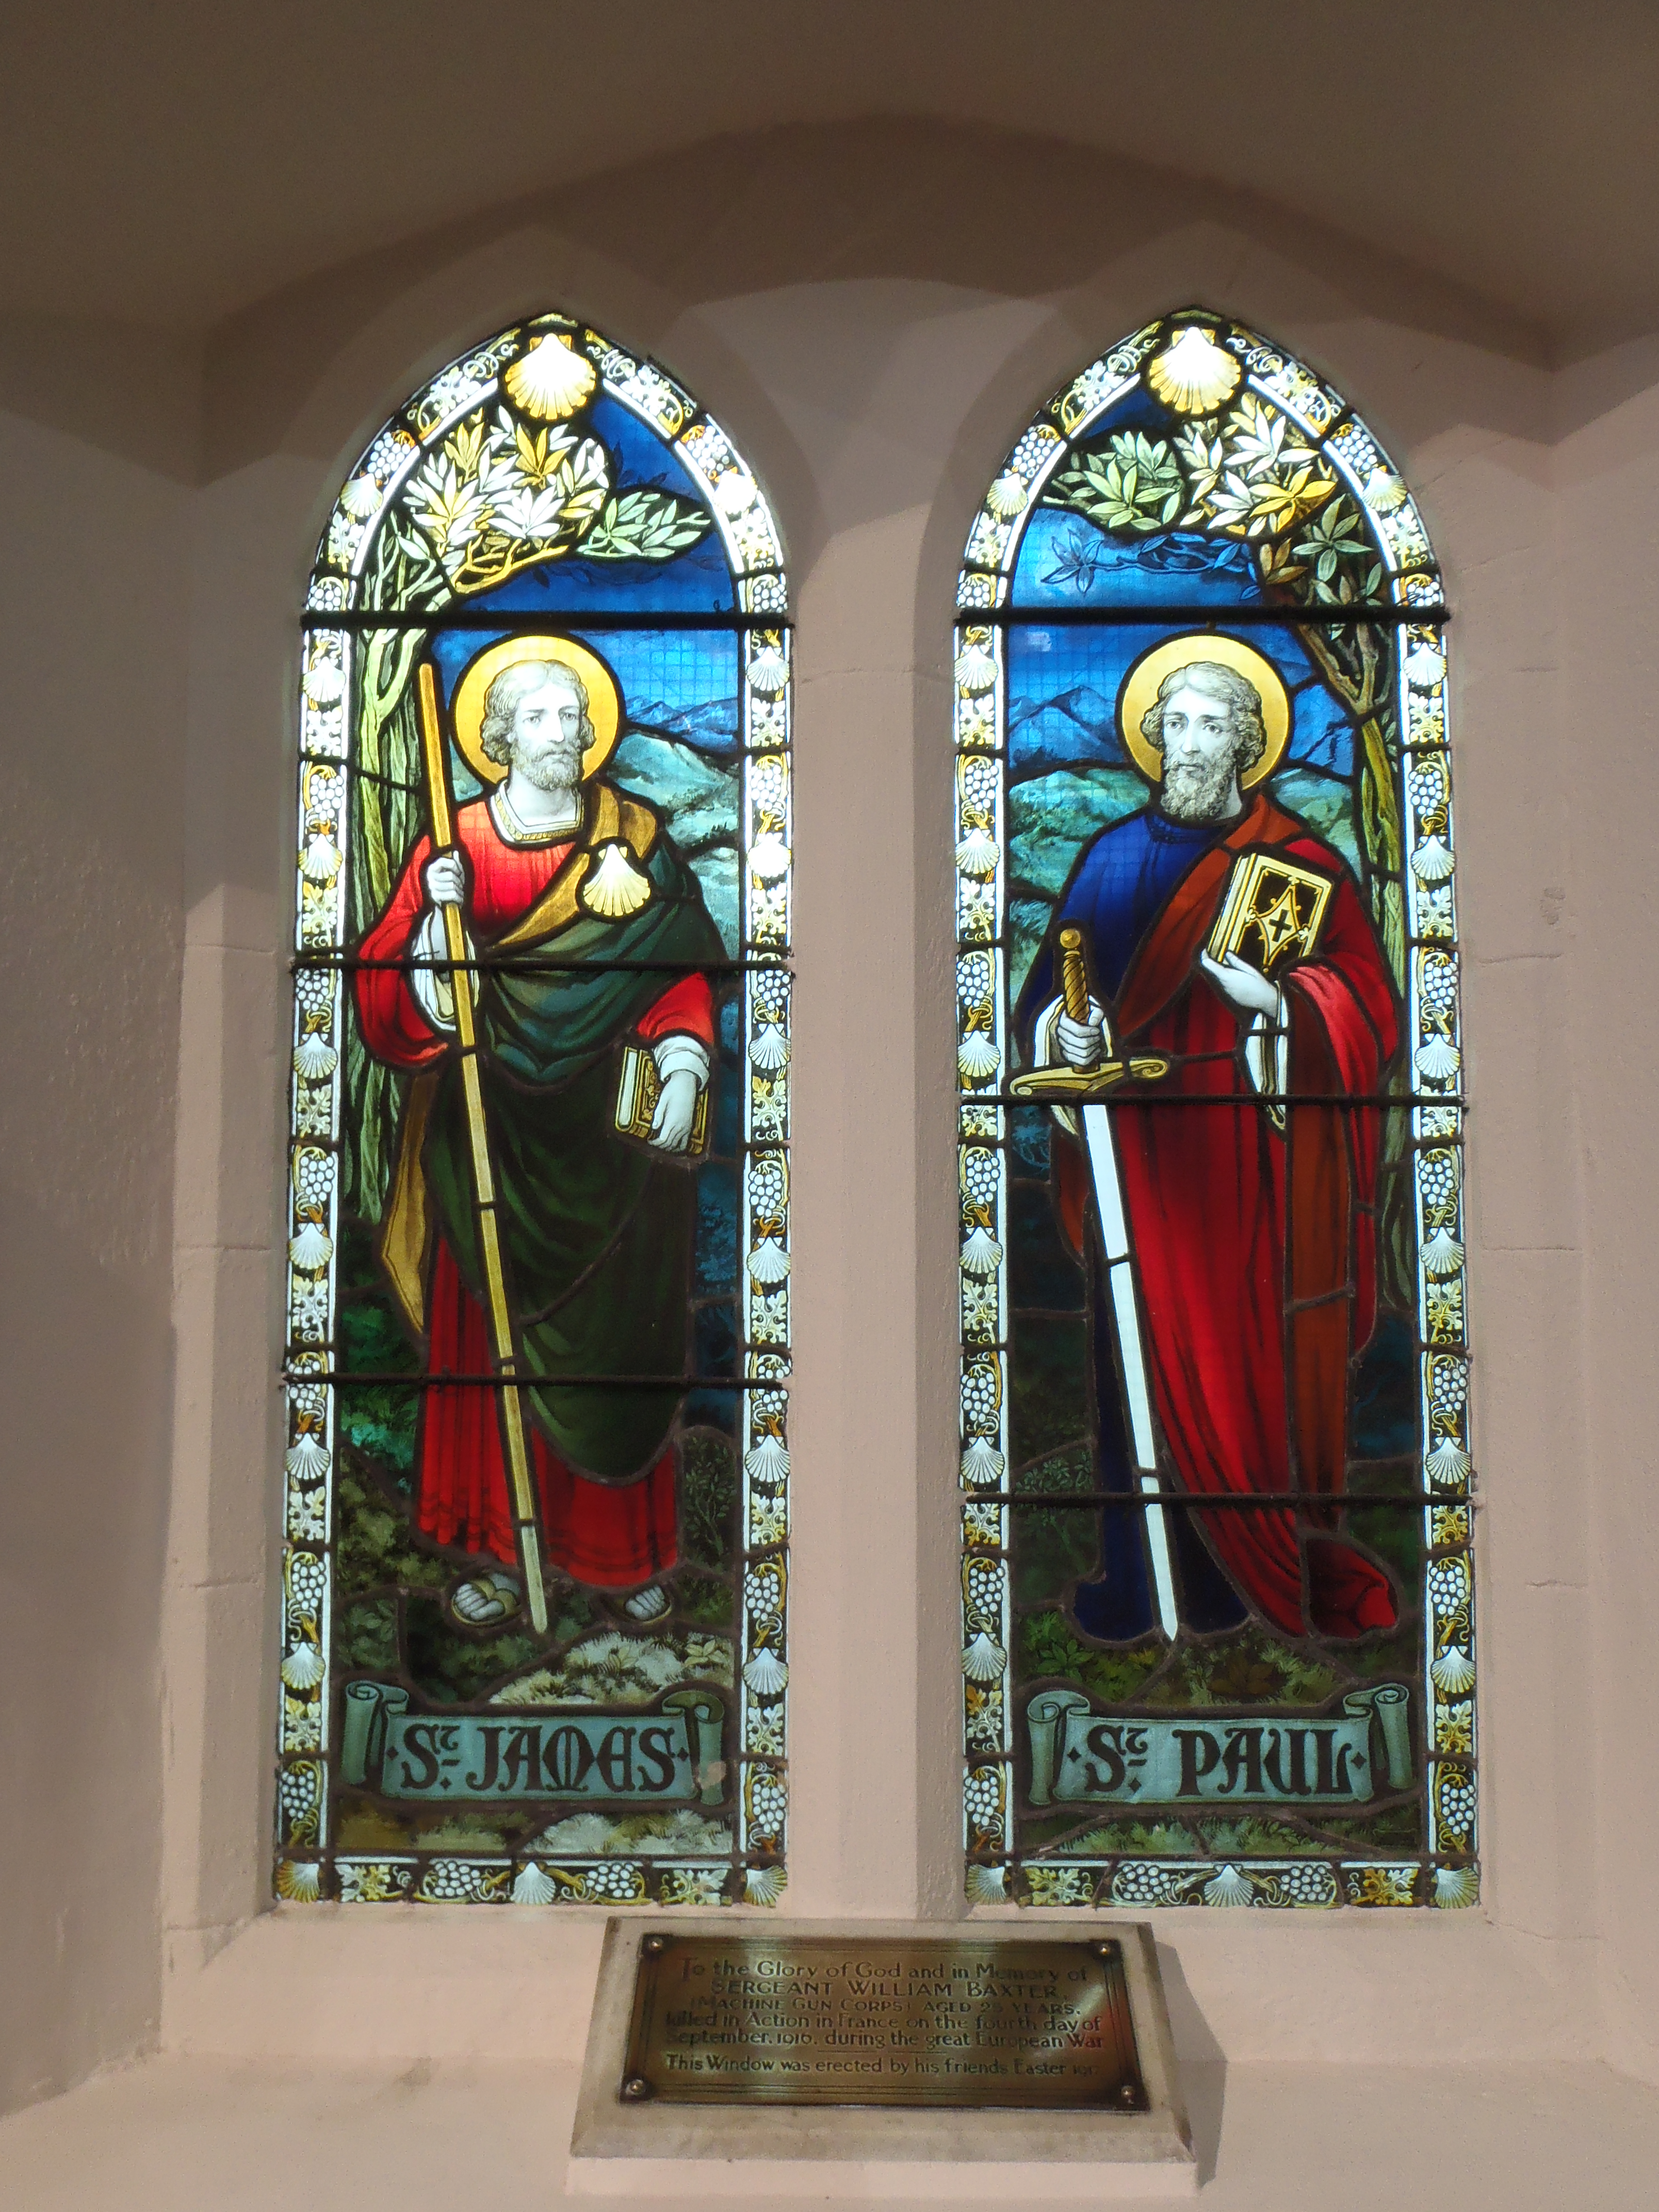 Sergeant William Baxter Memorial Window & Plaque, St James' Church, Tredegar